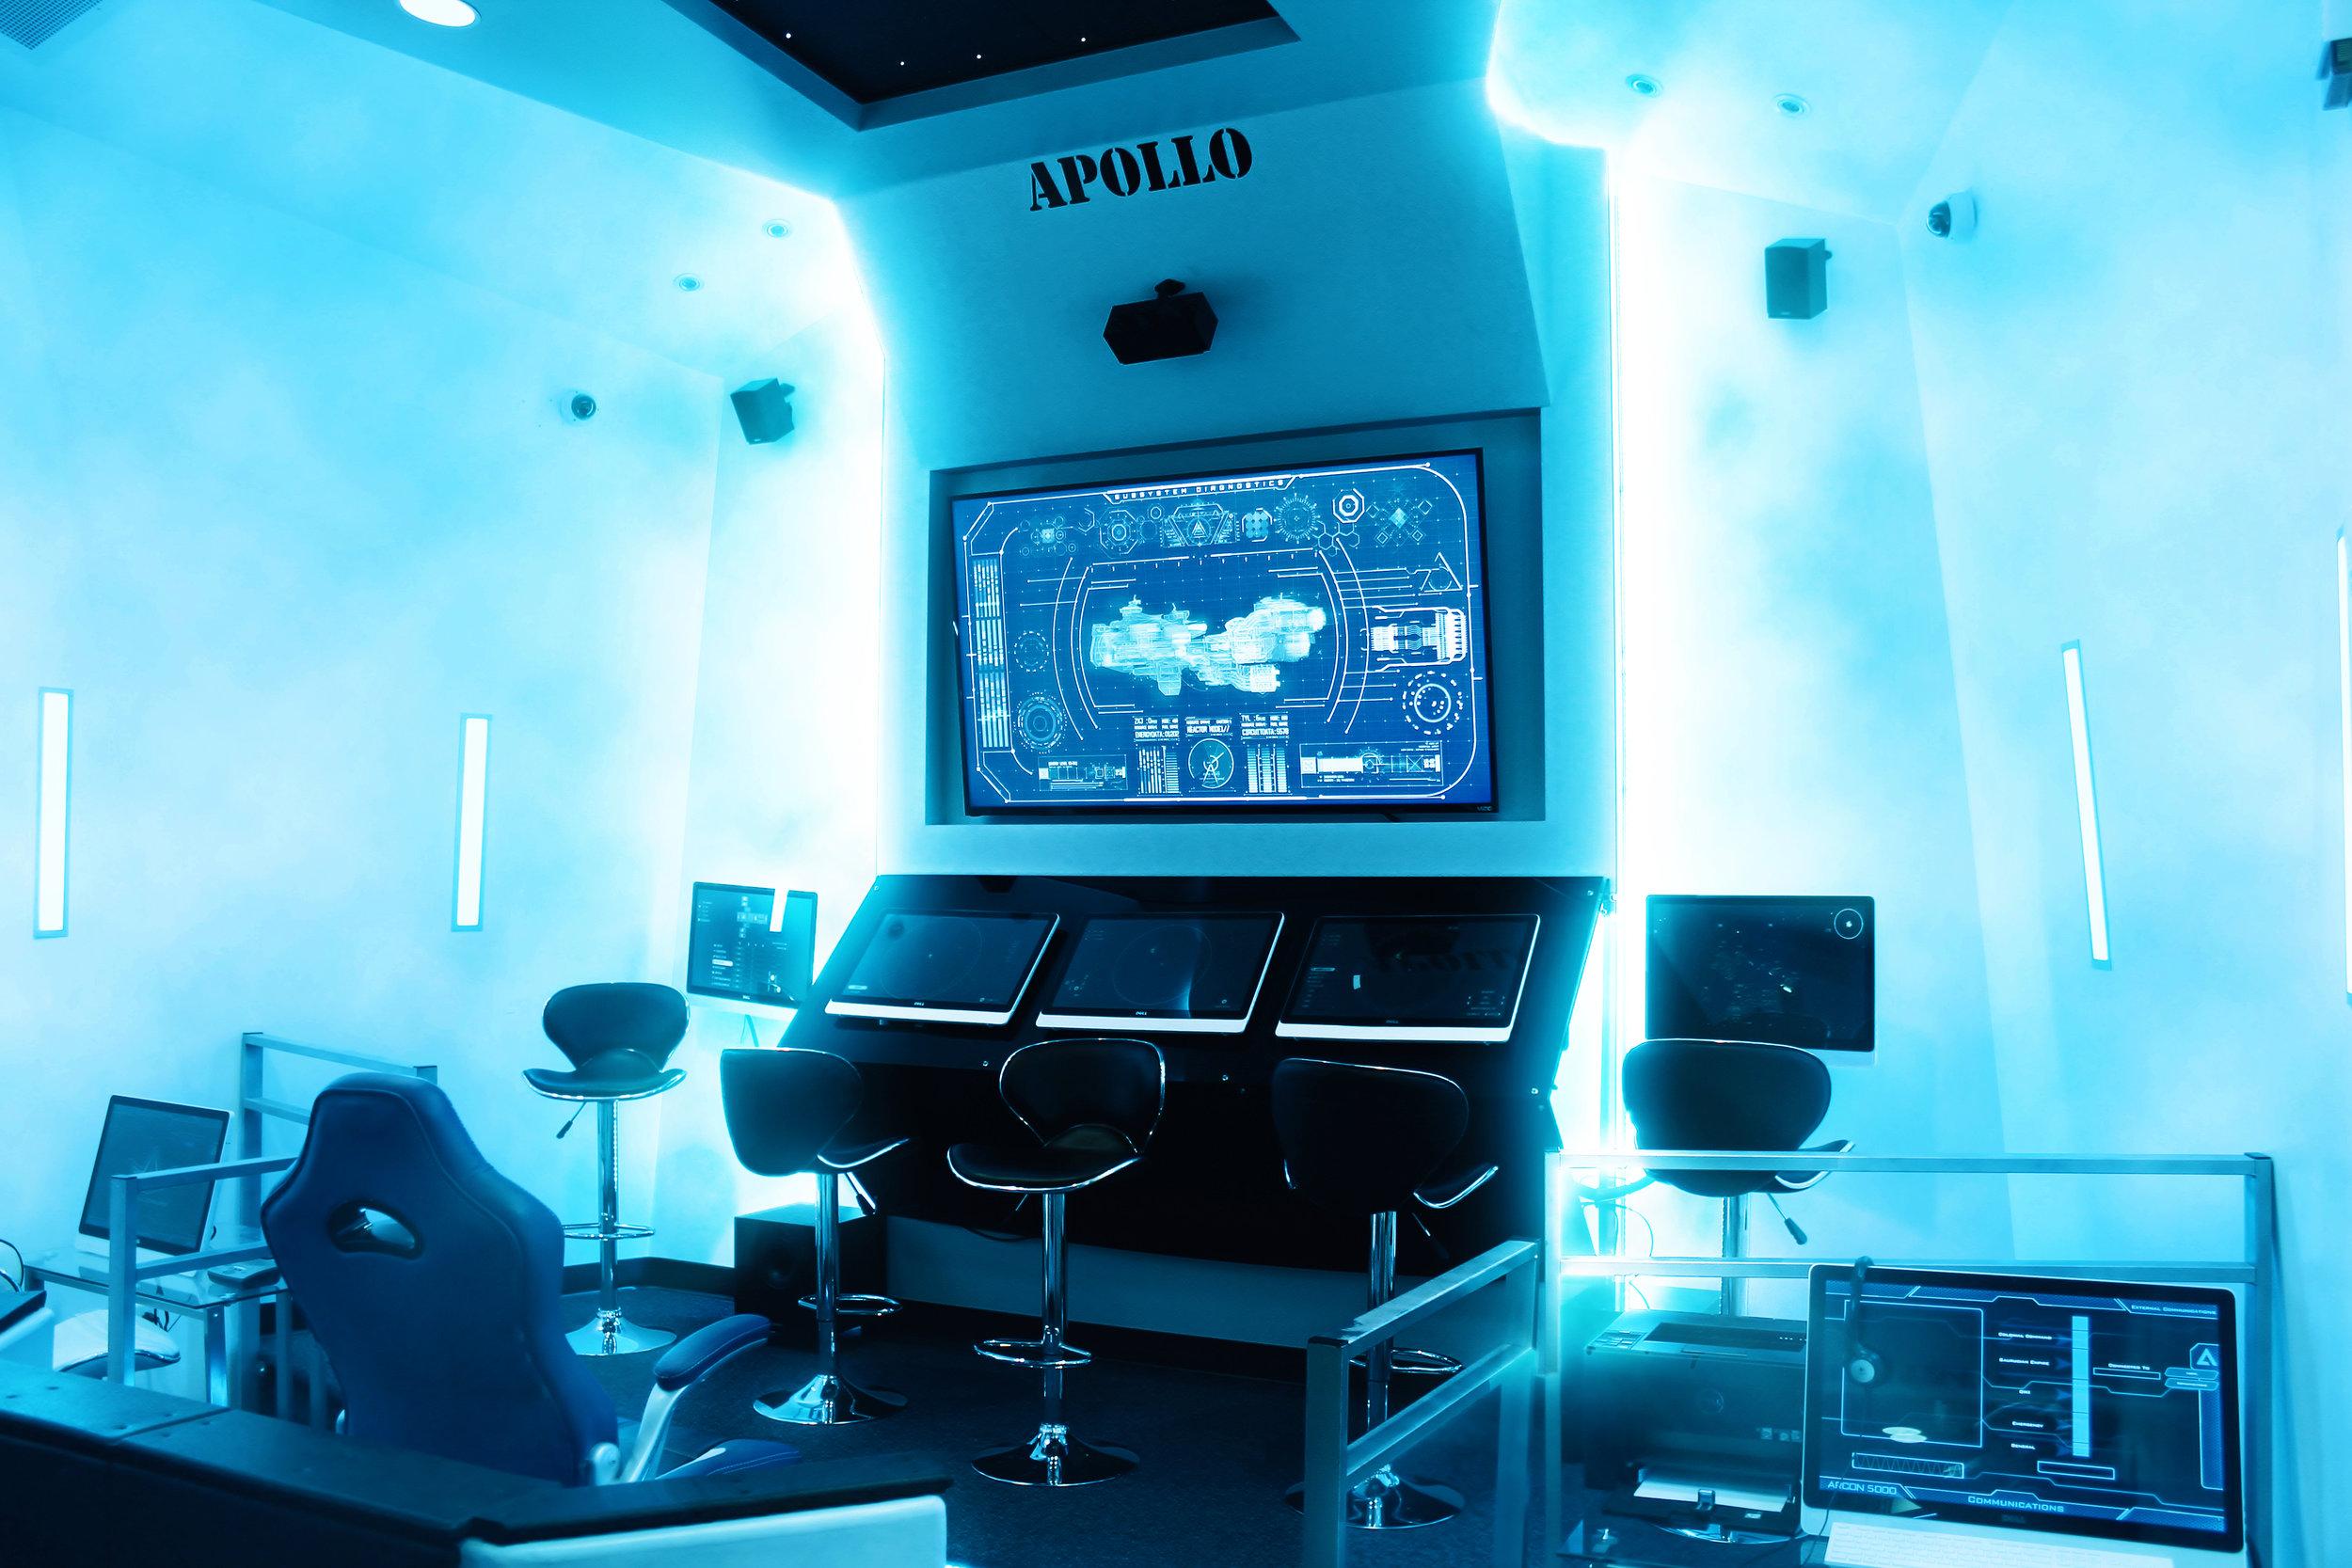 ApolloBridge1Edit1.jpg